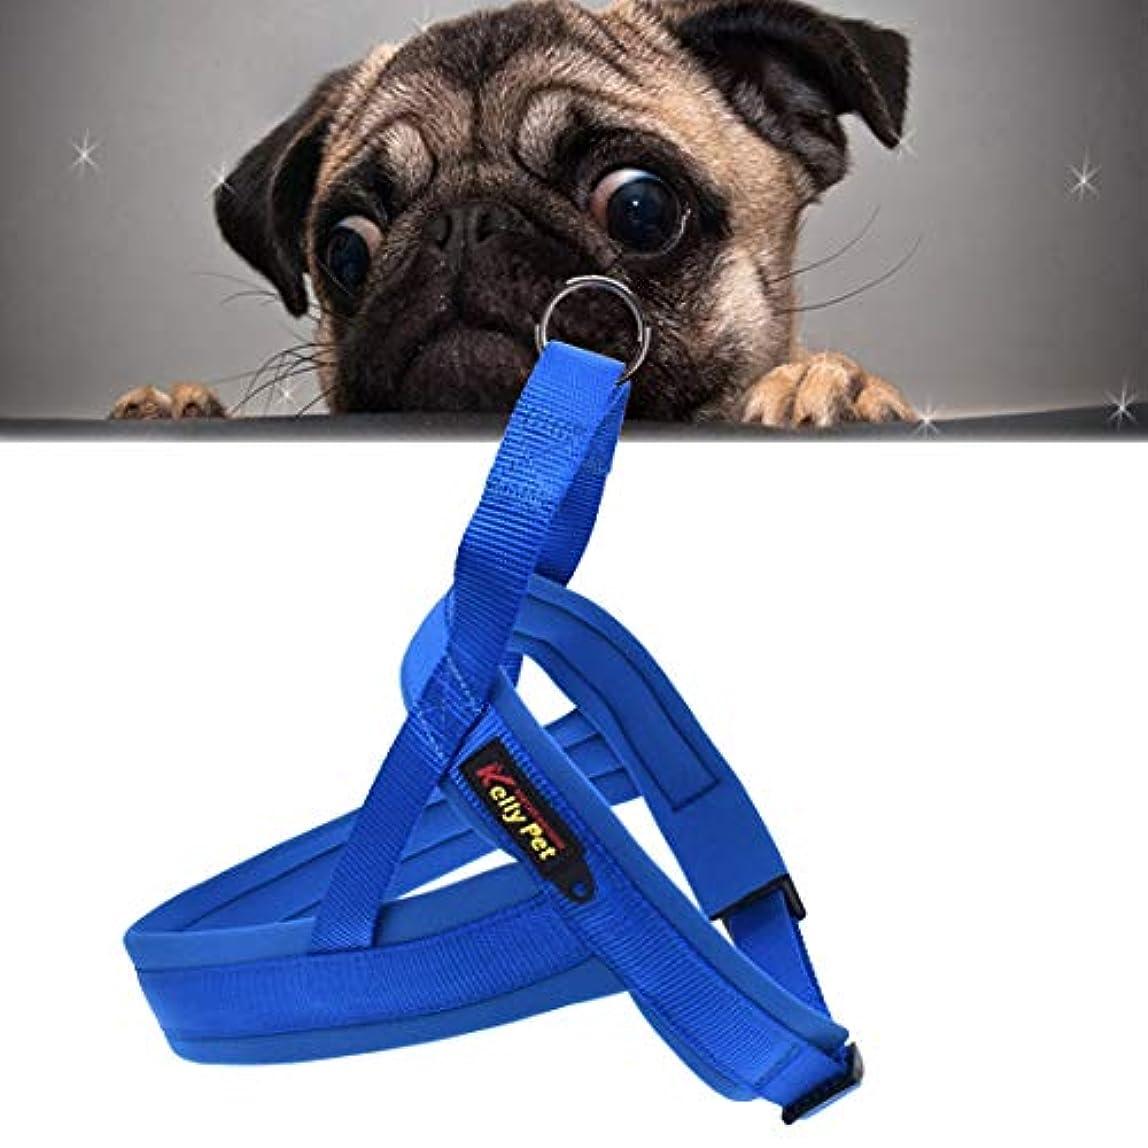 ブリーク細分化する強大なYMF ペット犬ナイロン快適なOリングA7チェストハーネスリードリーシュ、サイズ:L、調整可能な範囲:68-84cm (色 : Blue)